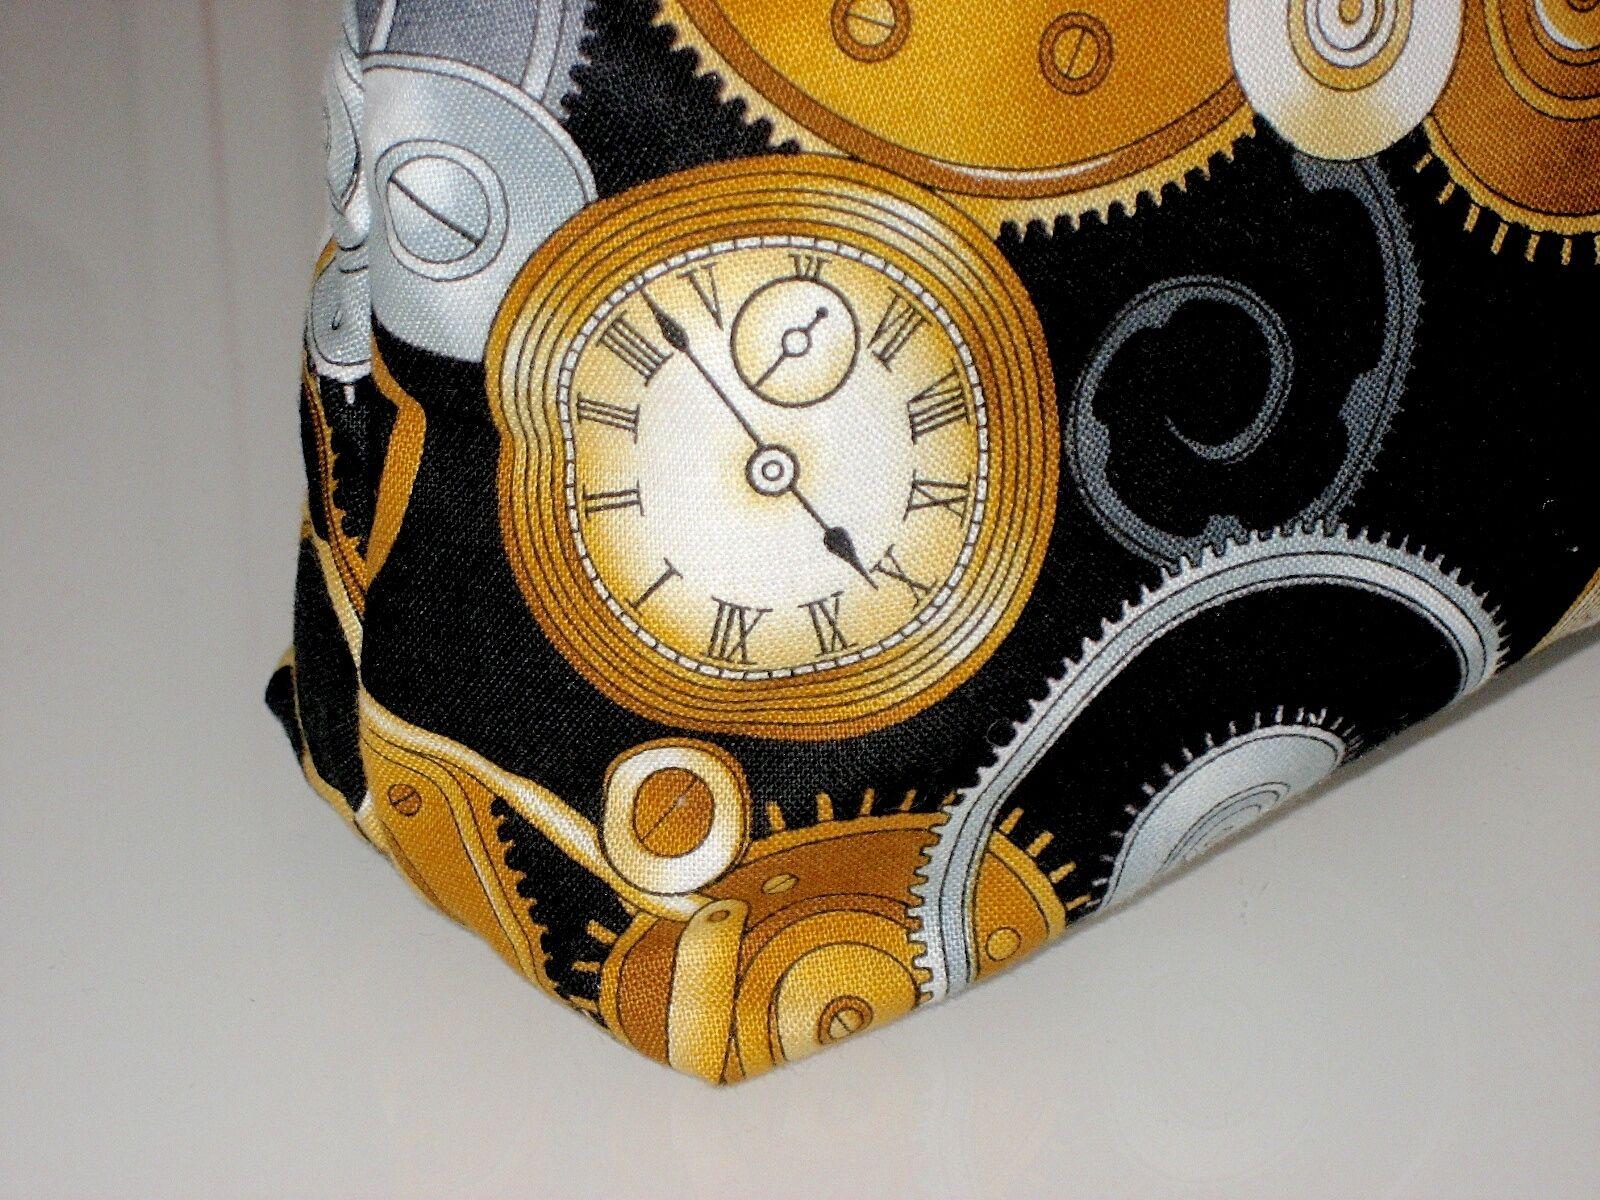 Schminktäschchen, stylos trousse, Cosmétiques Sac mouvement d'horlogerie, engrenage-à la la engrenage-à main - 518111